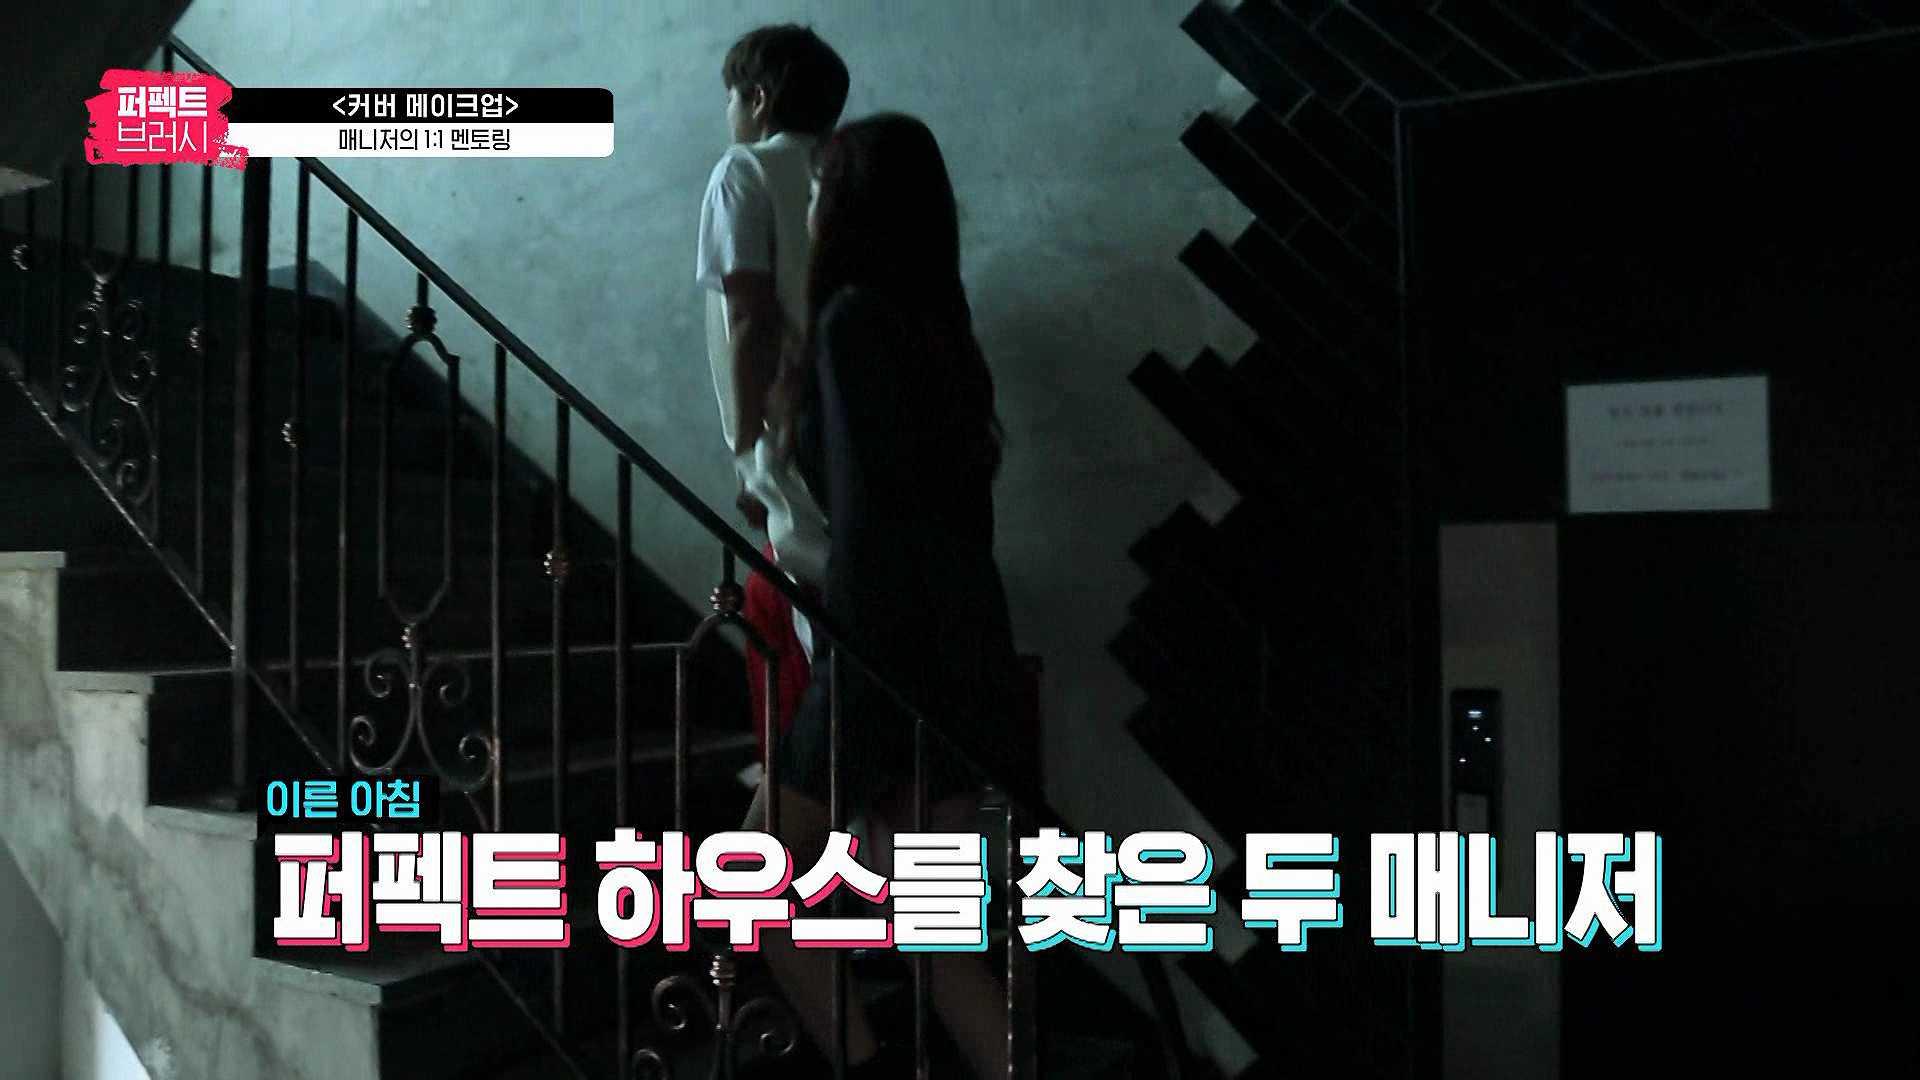 파이널 미션을 앞두고 TOP 10을 찾아온 두 매니저~